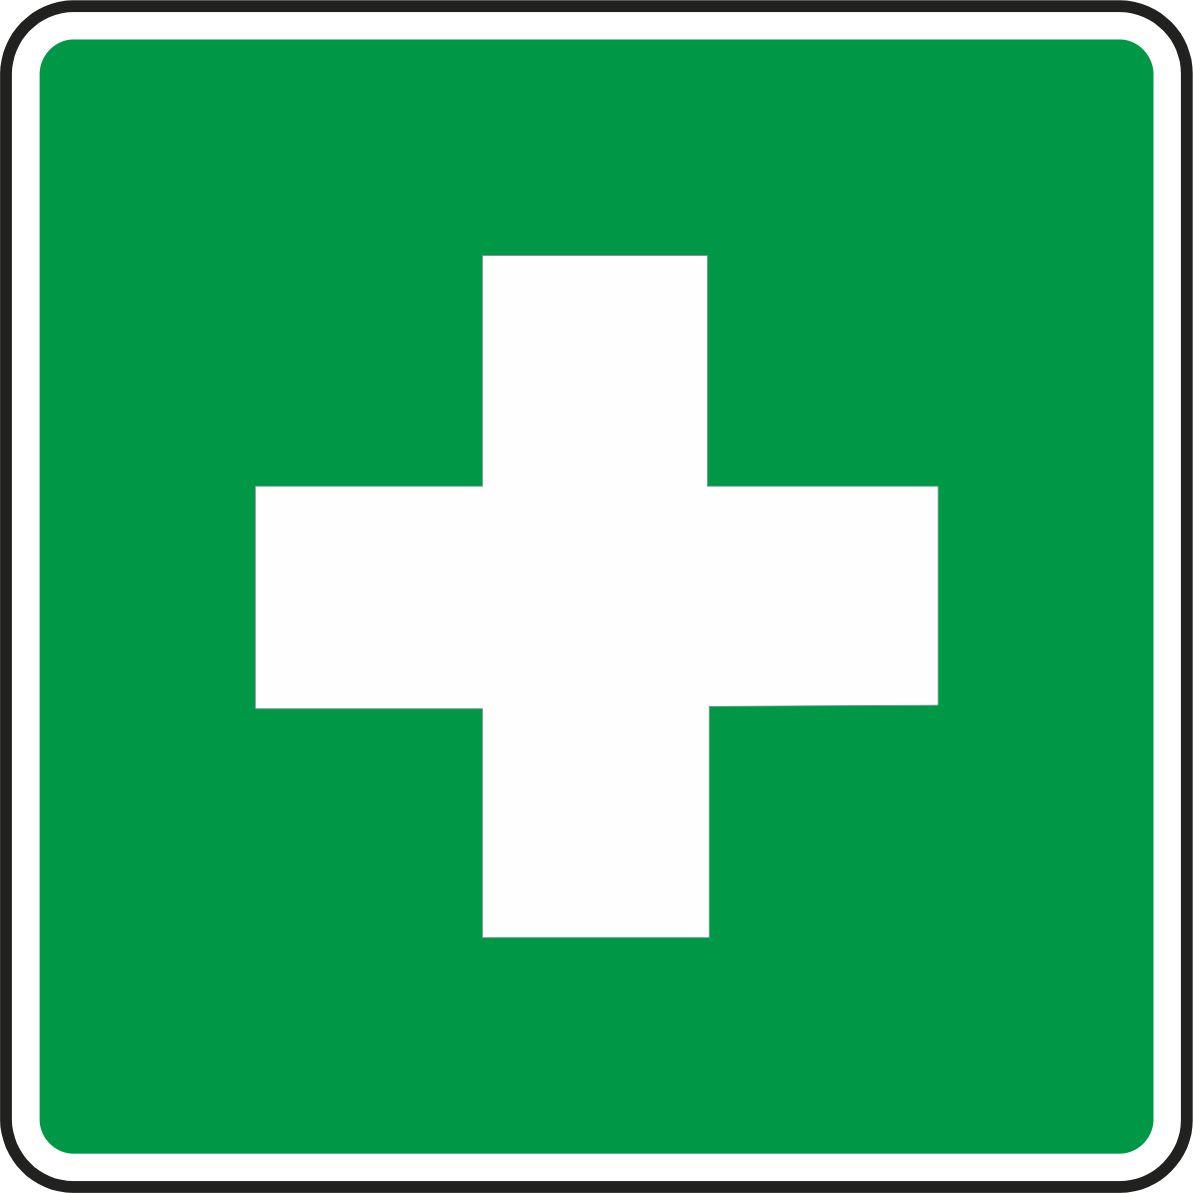 Rotes Kreuz Aufkleber Verbandsmaterial Medizinschrank Erste Hilfe ... | {Rotes kreuz symbol 52}